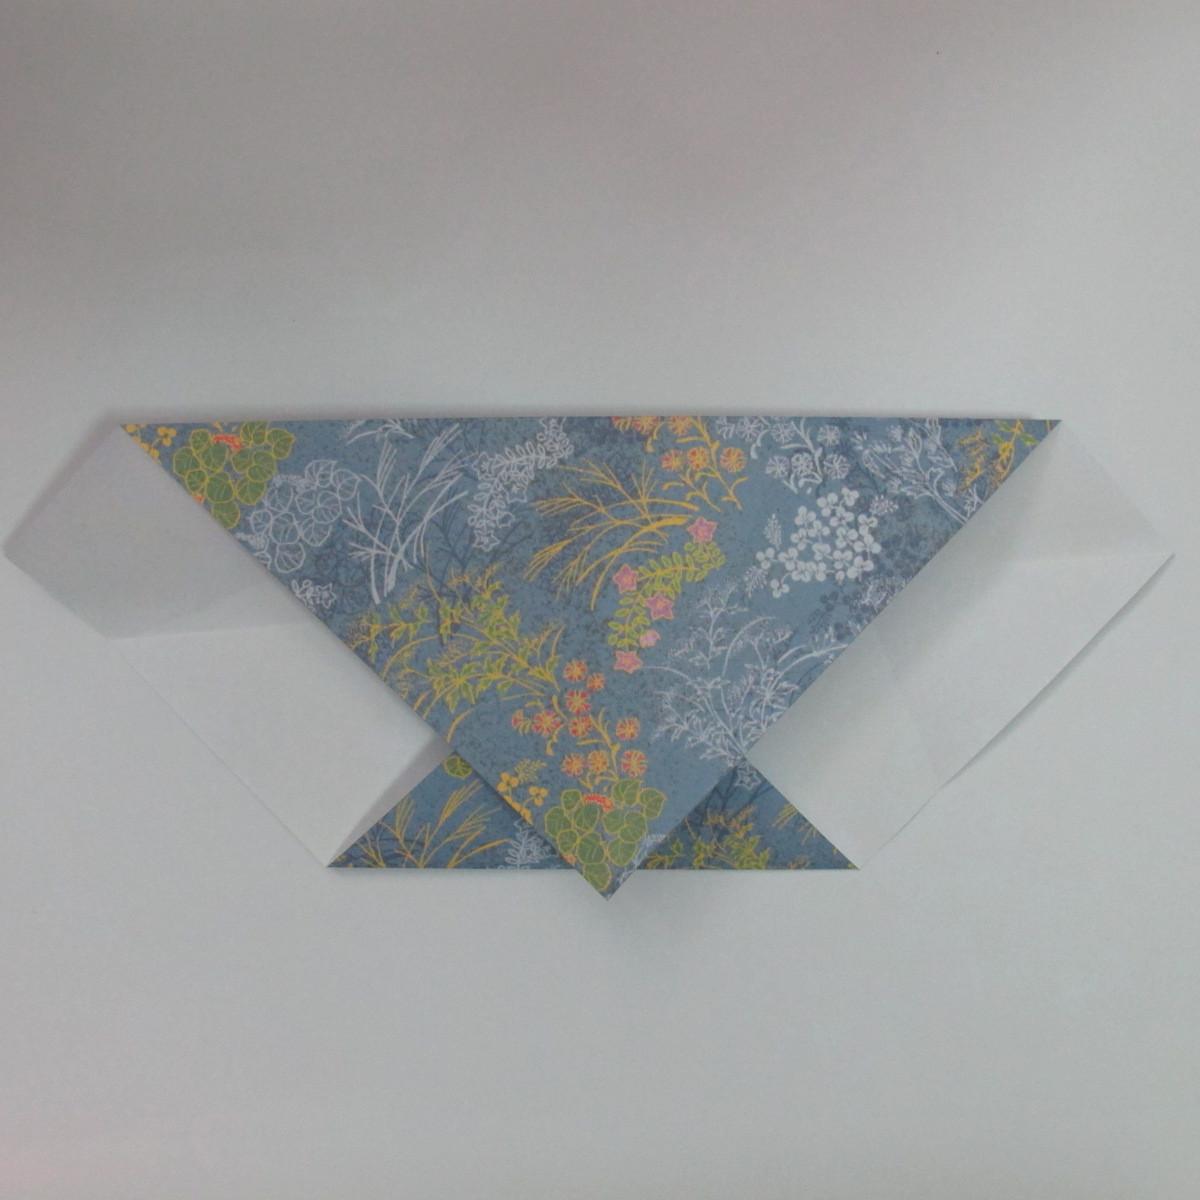 วิธีการพับกระดาษเป็นรูปม้า (Origami Horse) 011